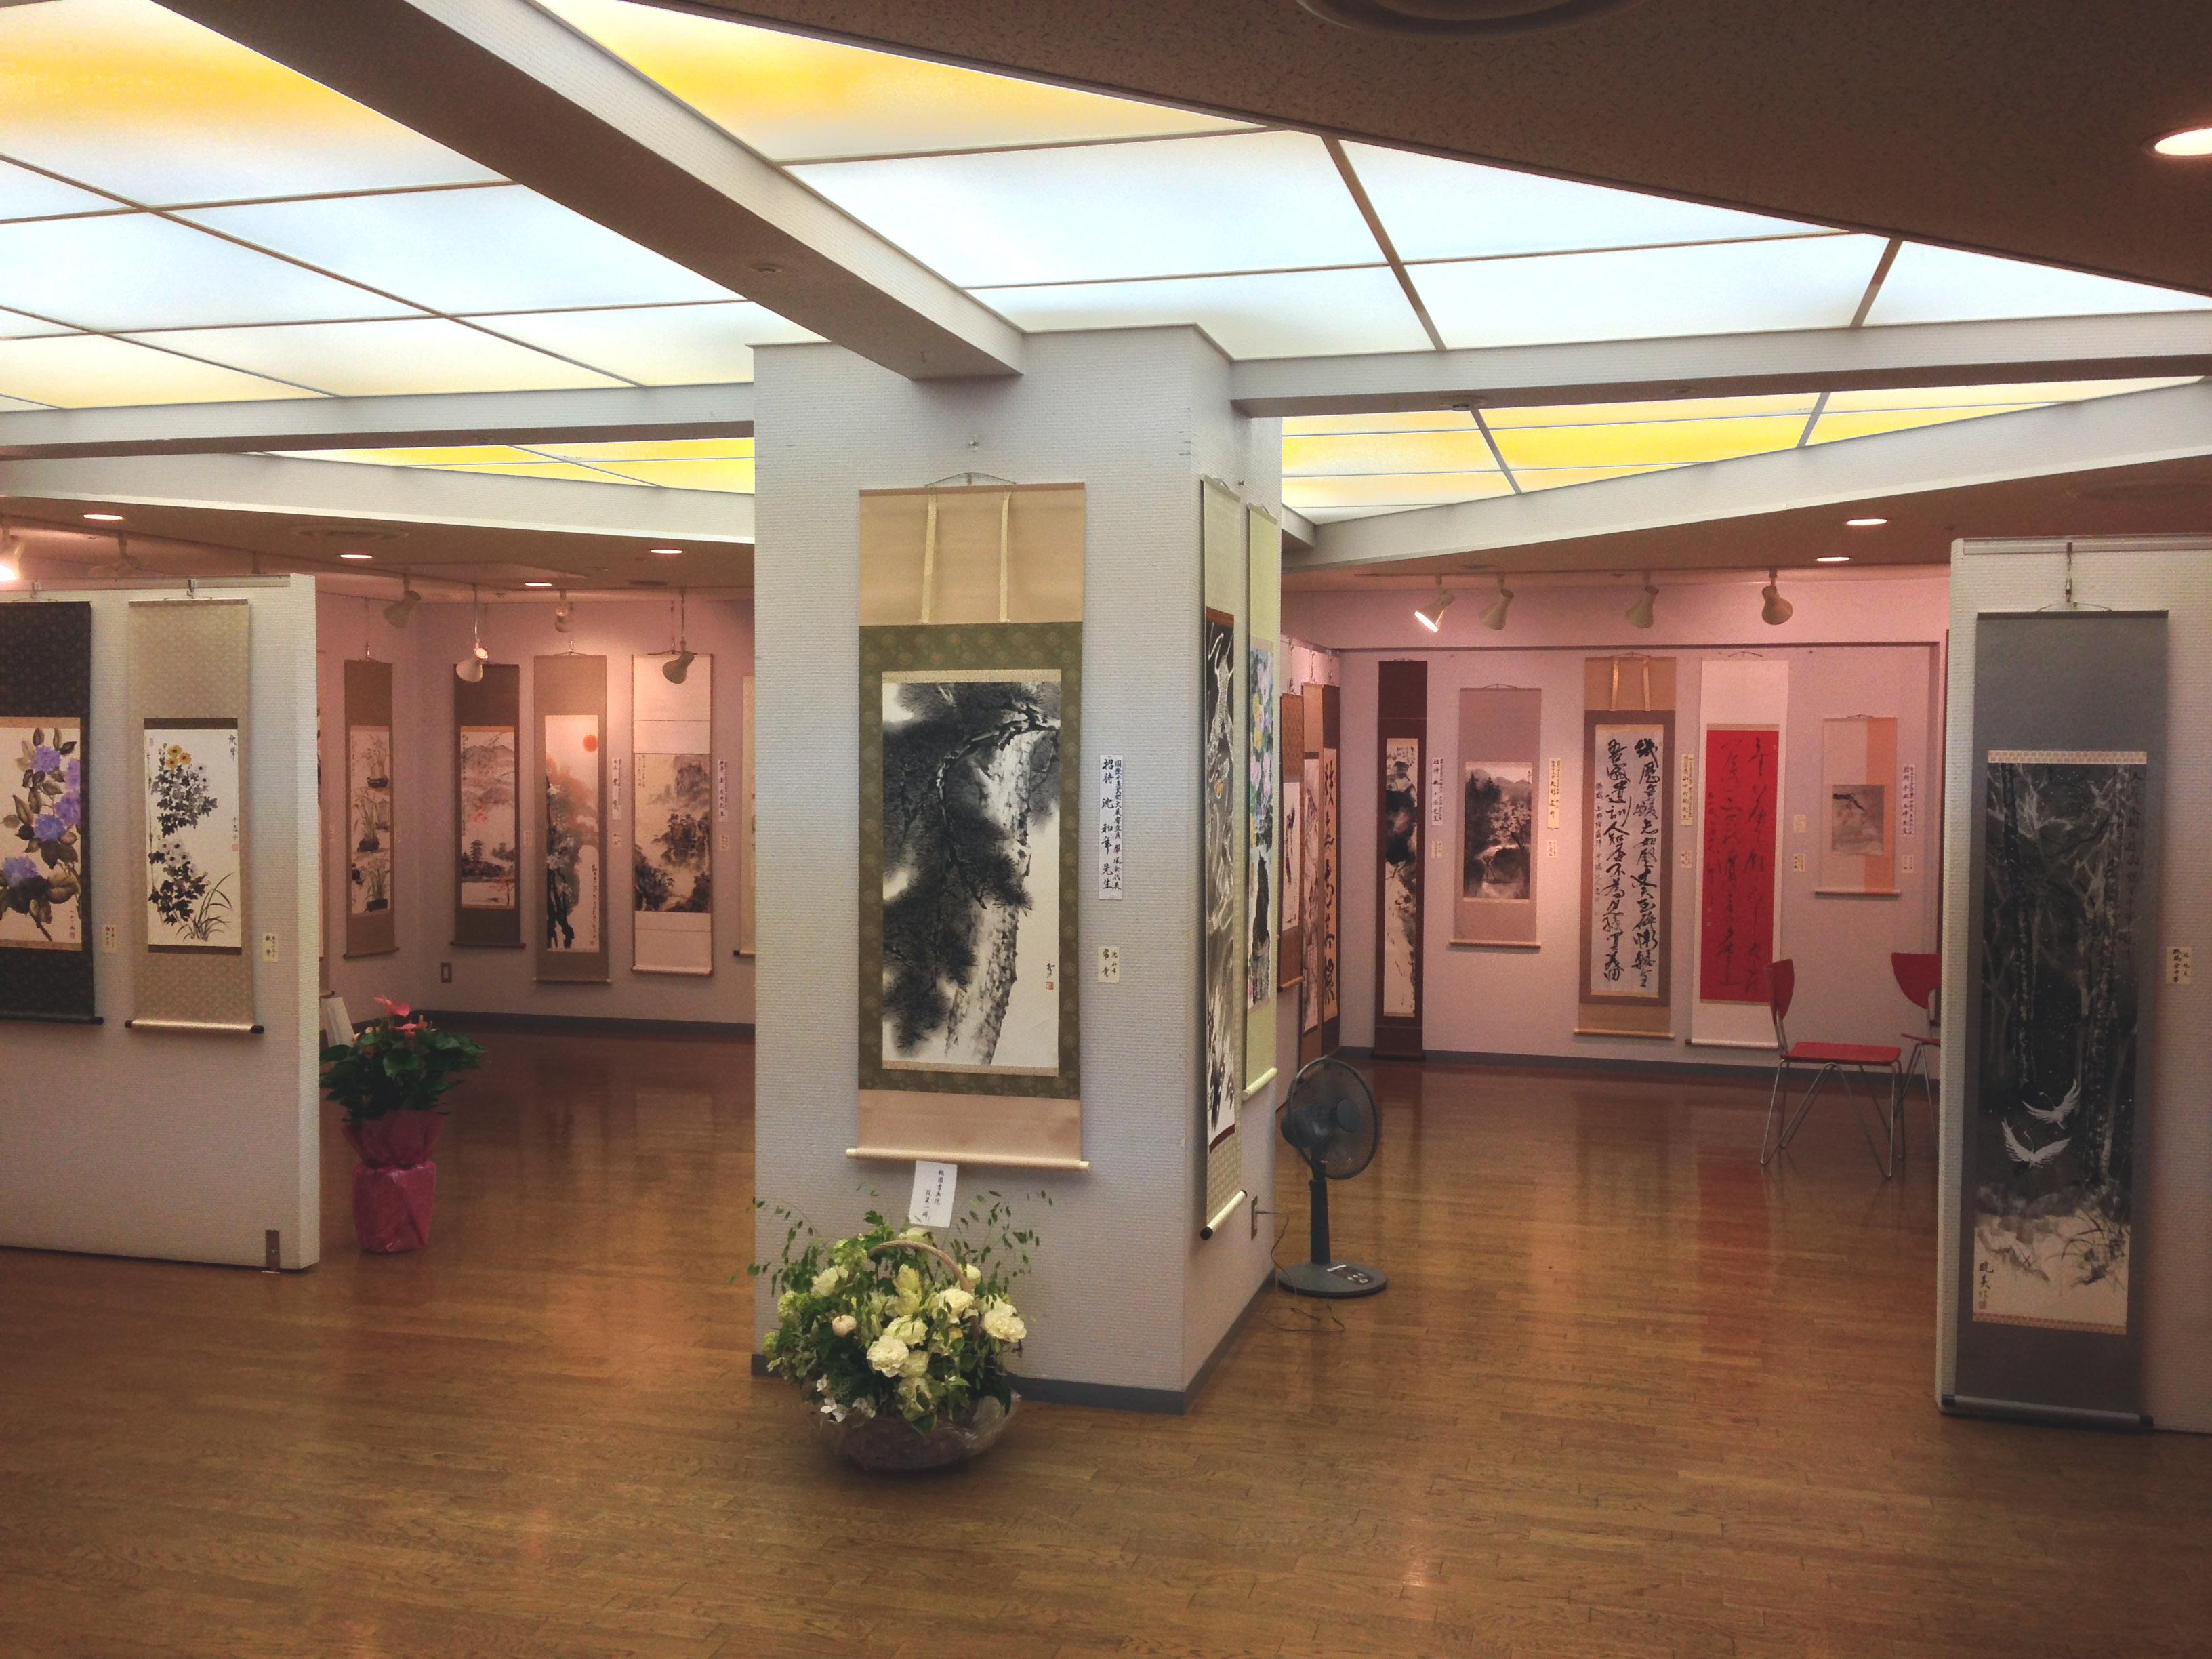 洛陽中国書法水墨画院展 2014 会場風景 3